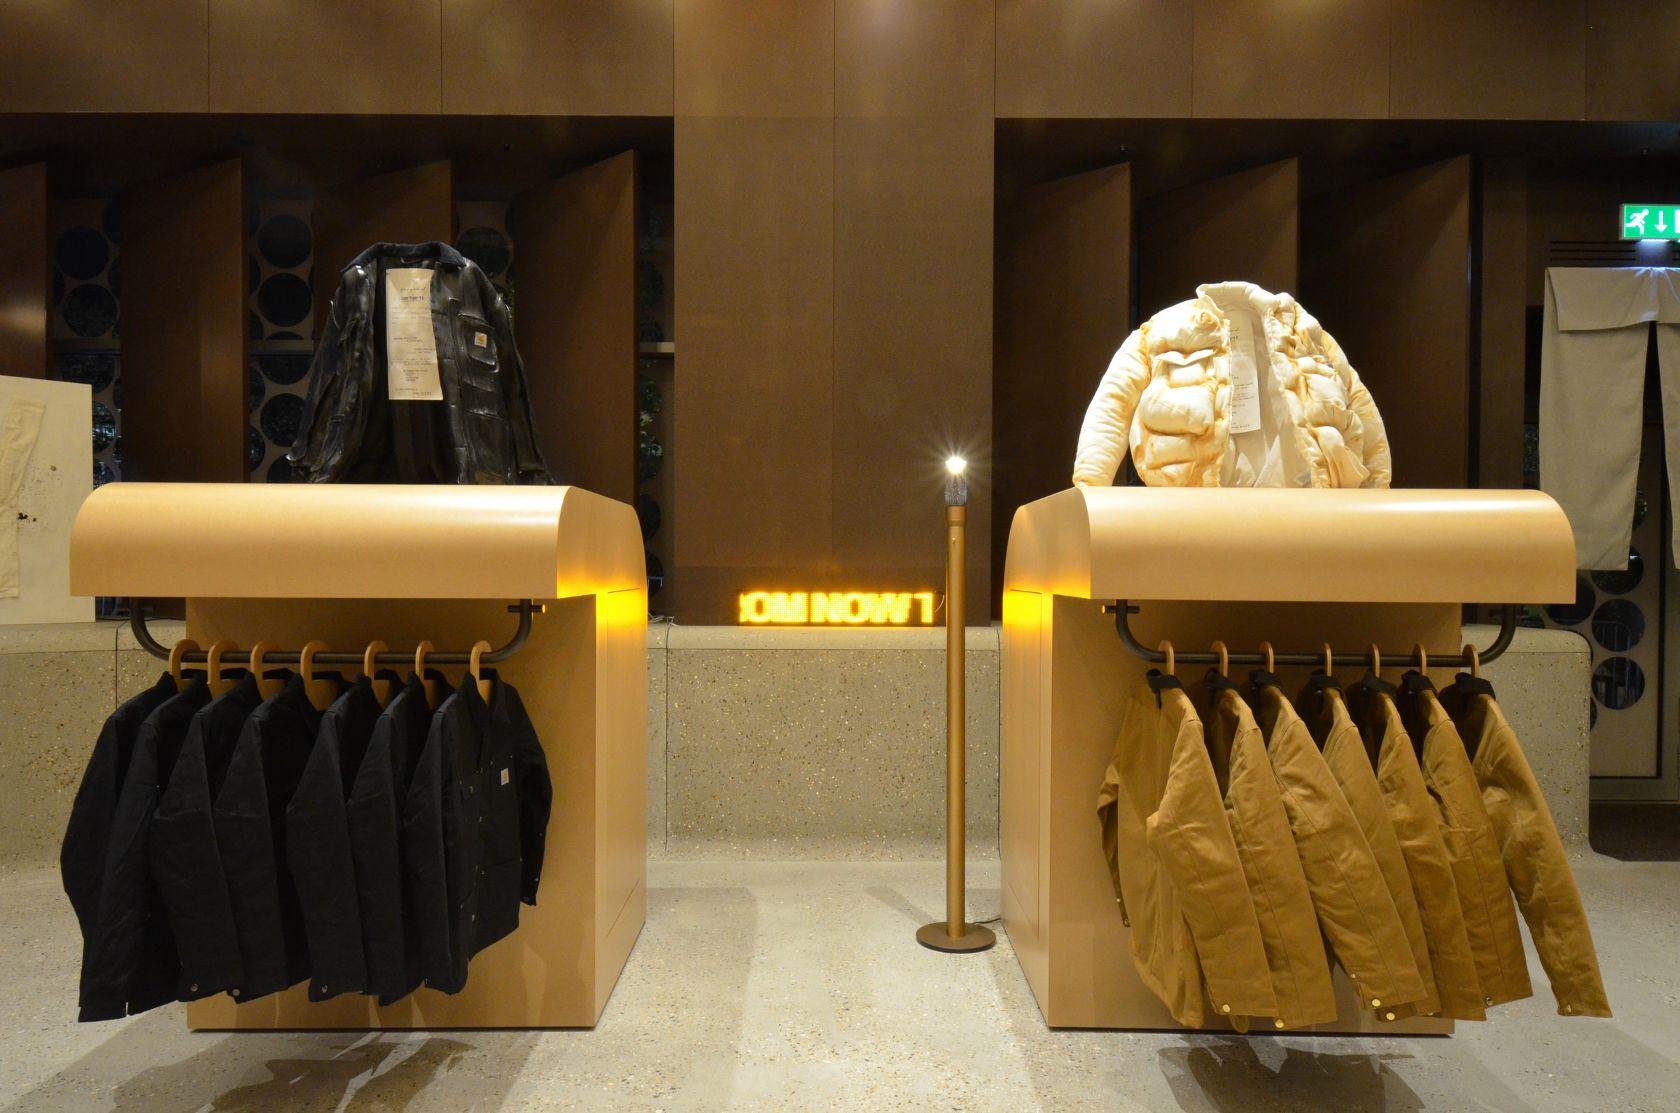 f05bcdf414 Carhartt WIP Carhartt WIP King's Cross London Store – Now Open .